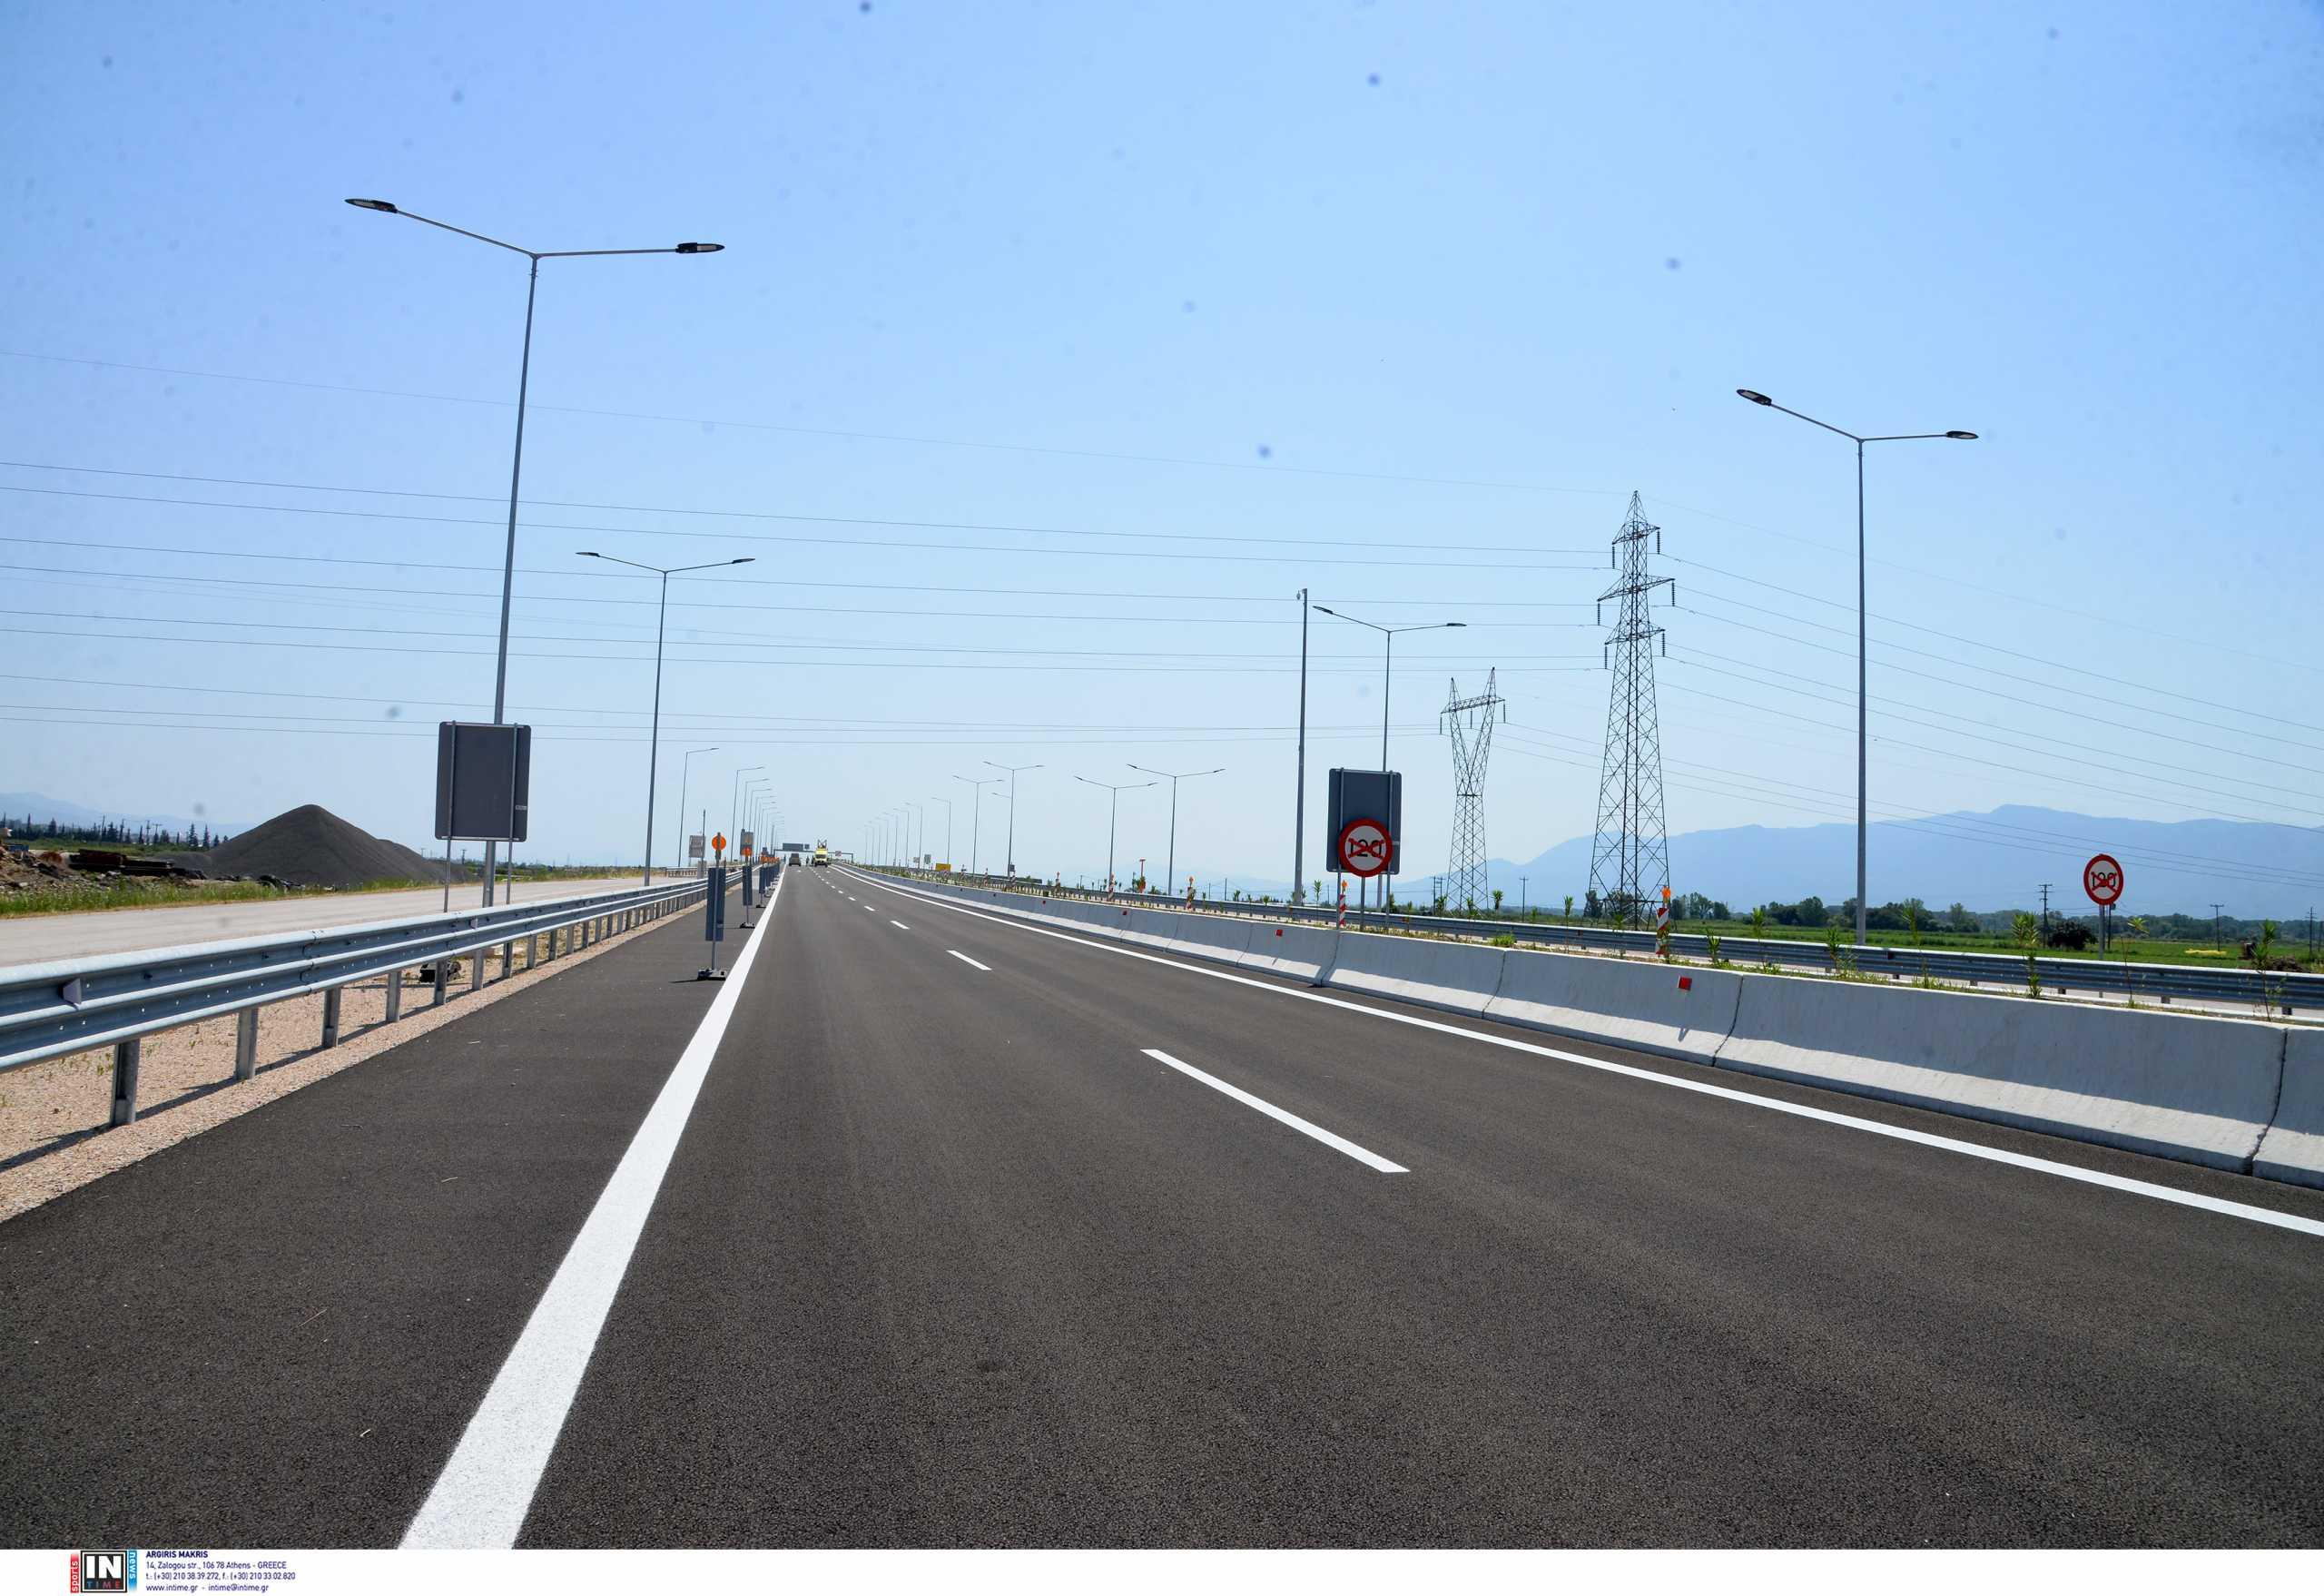 Ε65: Ο νέος αυτοκινητόδρομος στην πράξη – Οδήγηση στα πρώτα 14 χιλιόμετρα που παραδόθηκαν